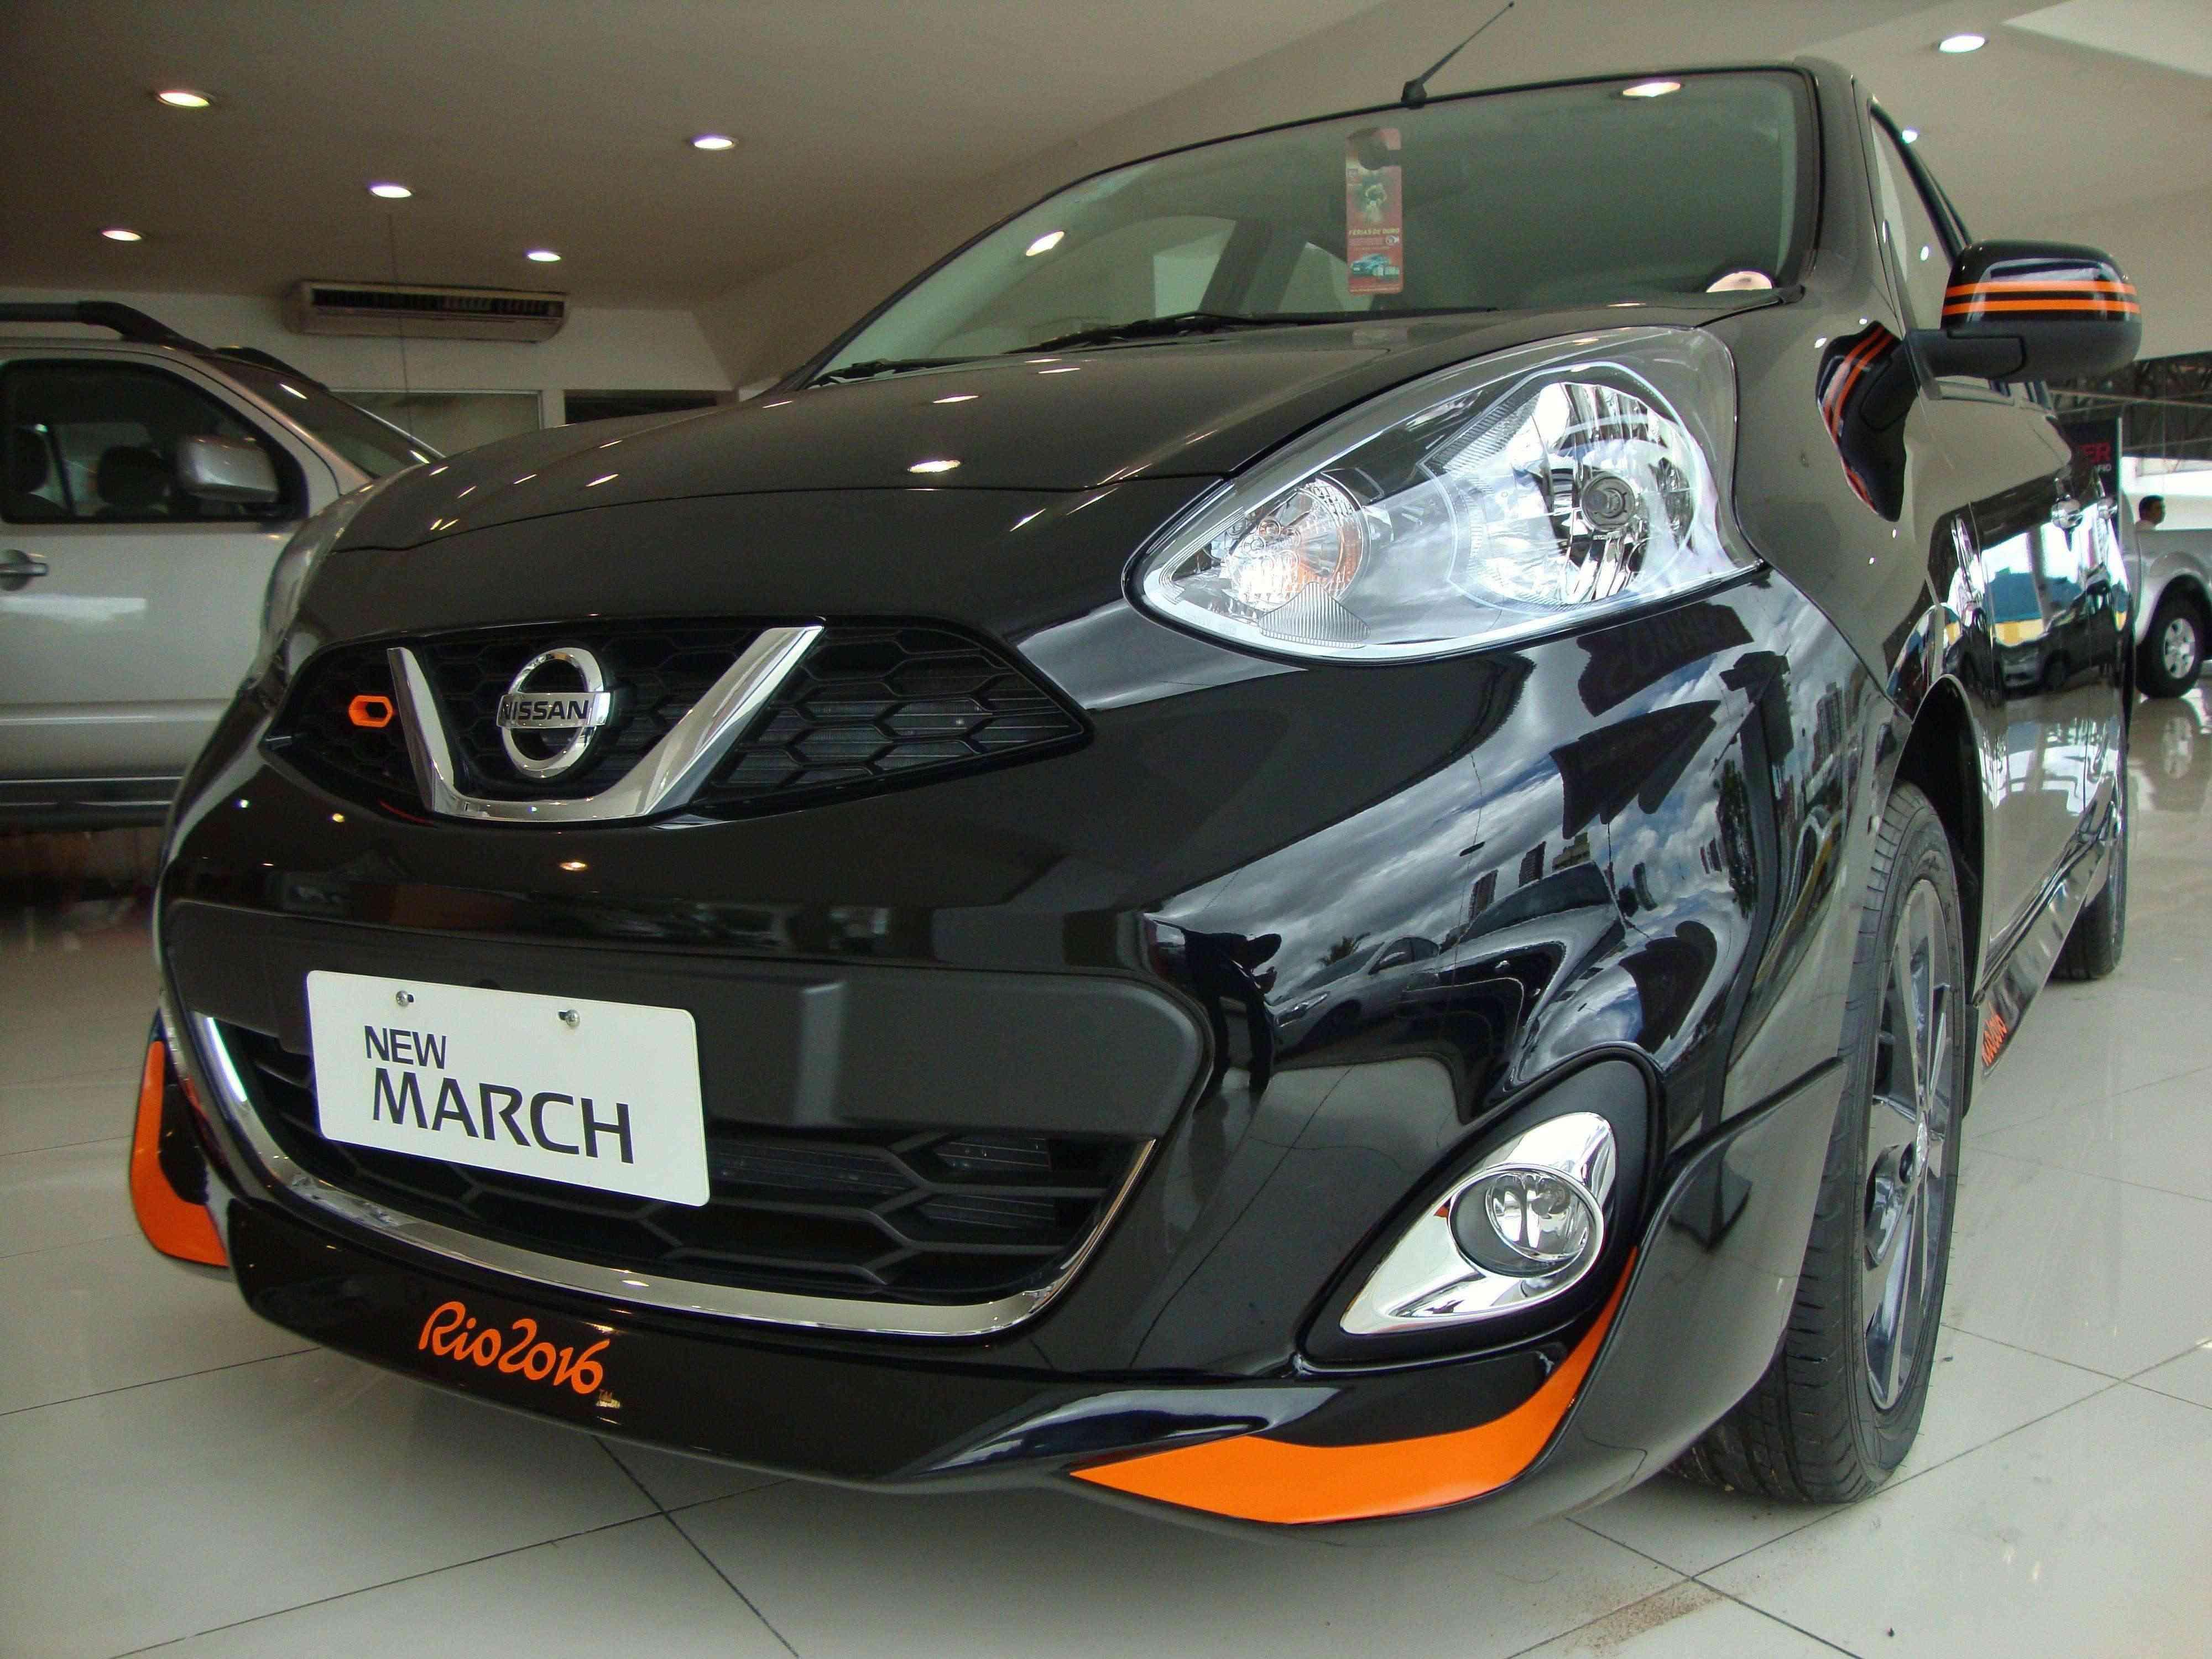 Concorra a um March Rio 2016 fazendo o Test Drive Campeão Nissan